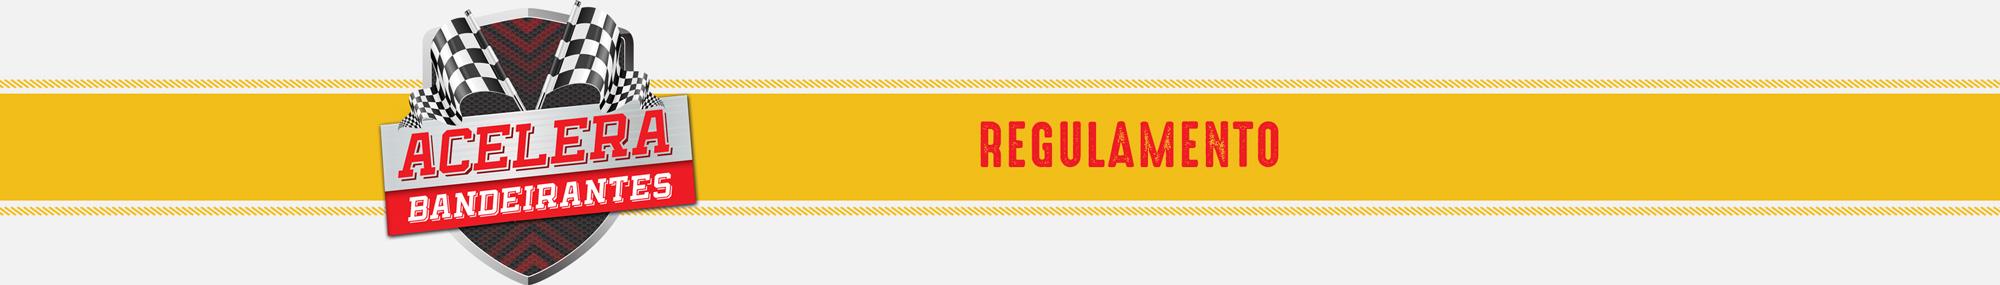 bg-regulamento2